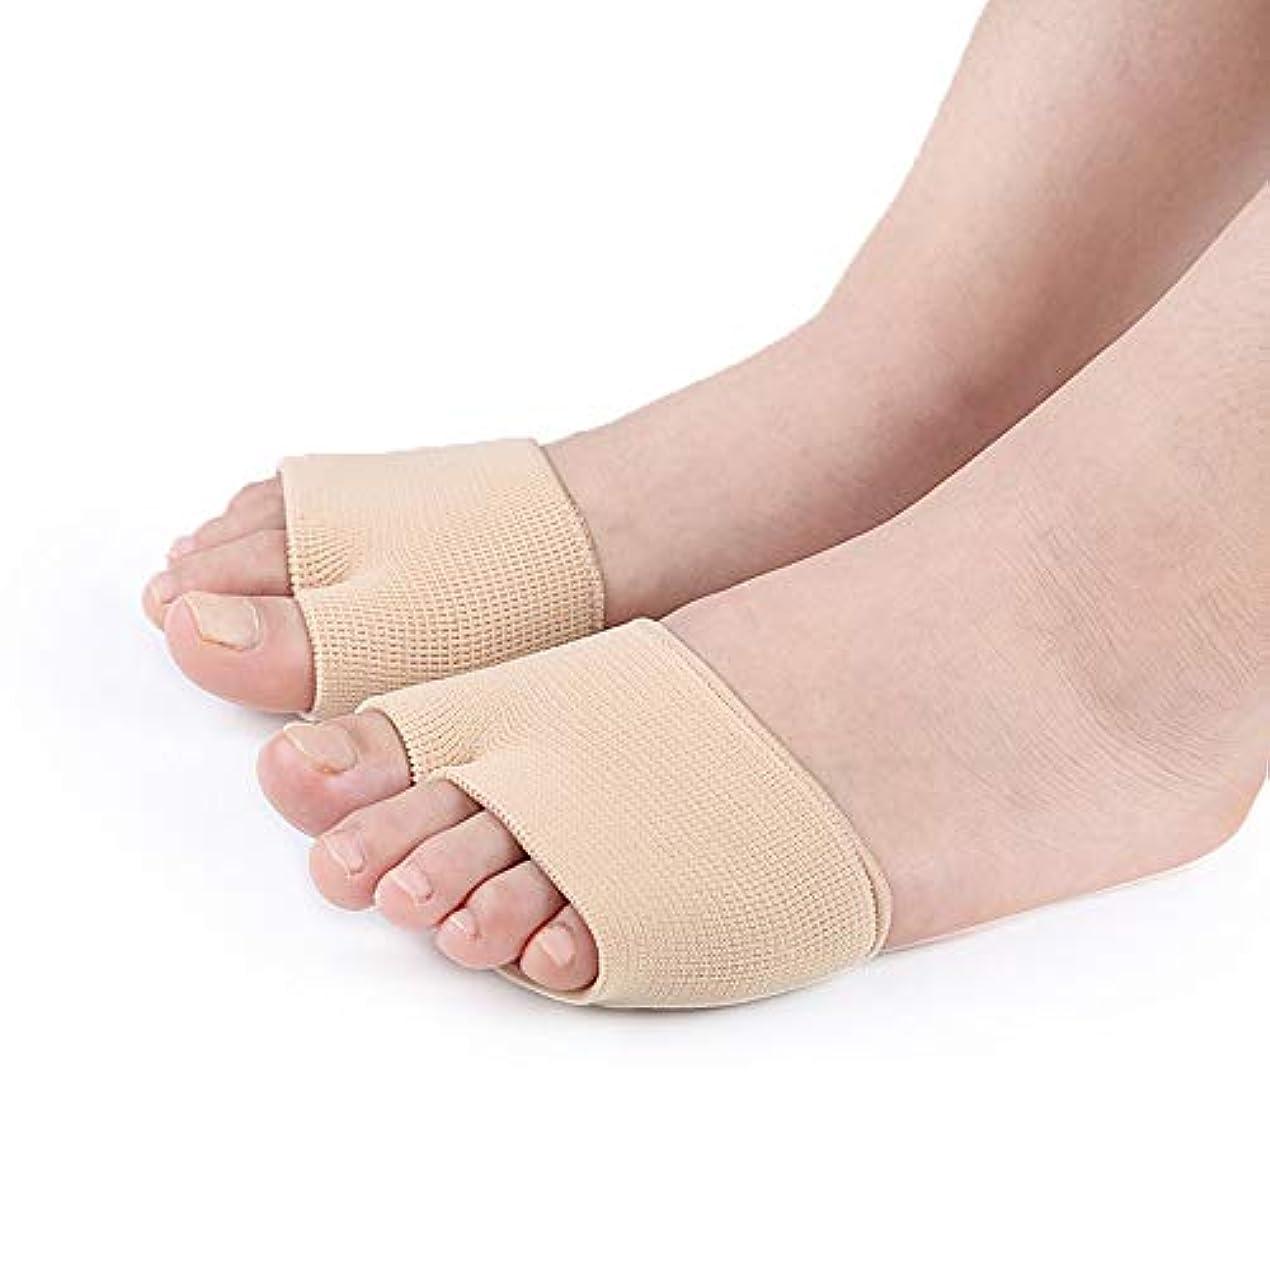 つま先矯正靴下ケアつま先防止重複伸縮性高減衰ダンピング吸収汗通気性ナイロン布SEBS,5pairs,S